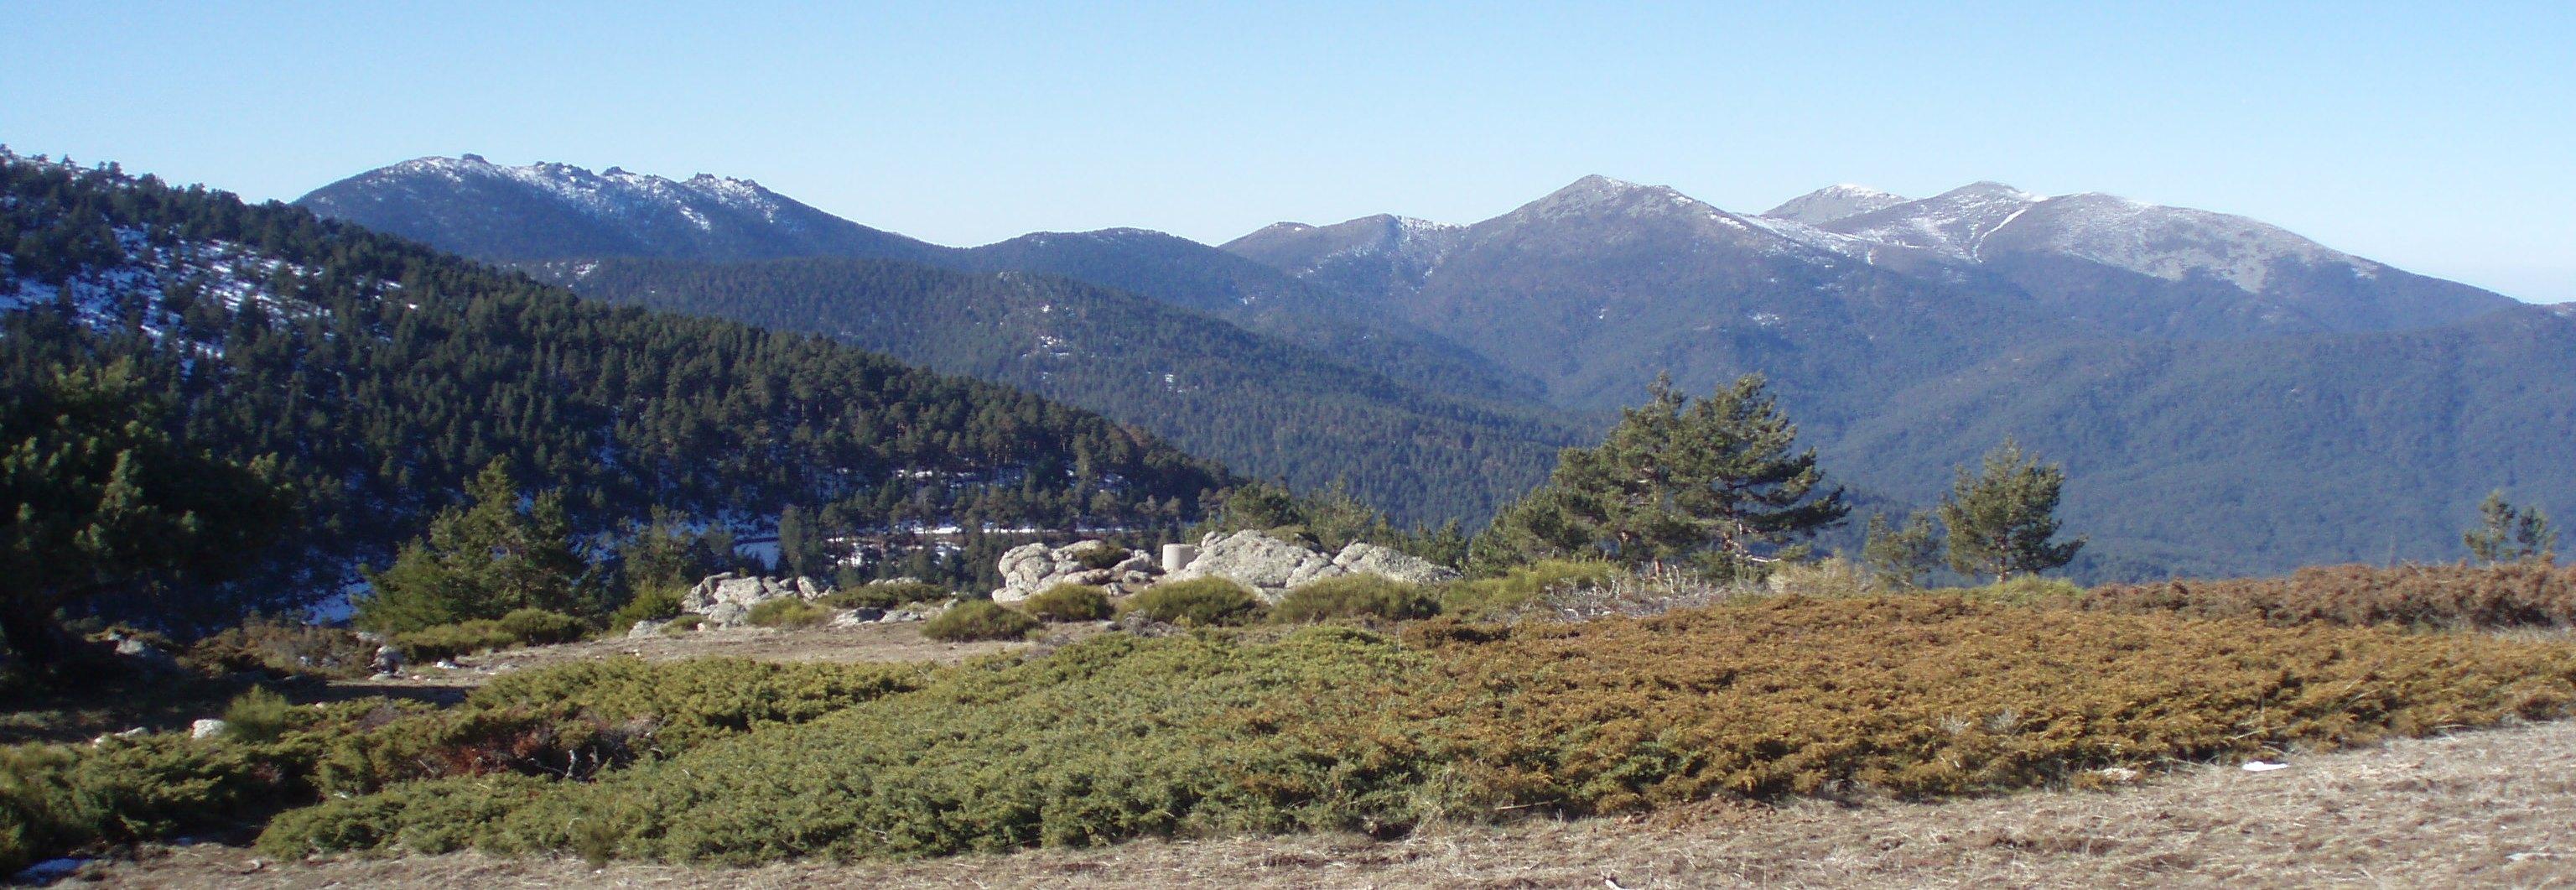 Sierra de Guadarrama. Autor: Miguel303xm